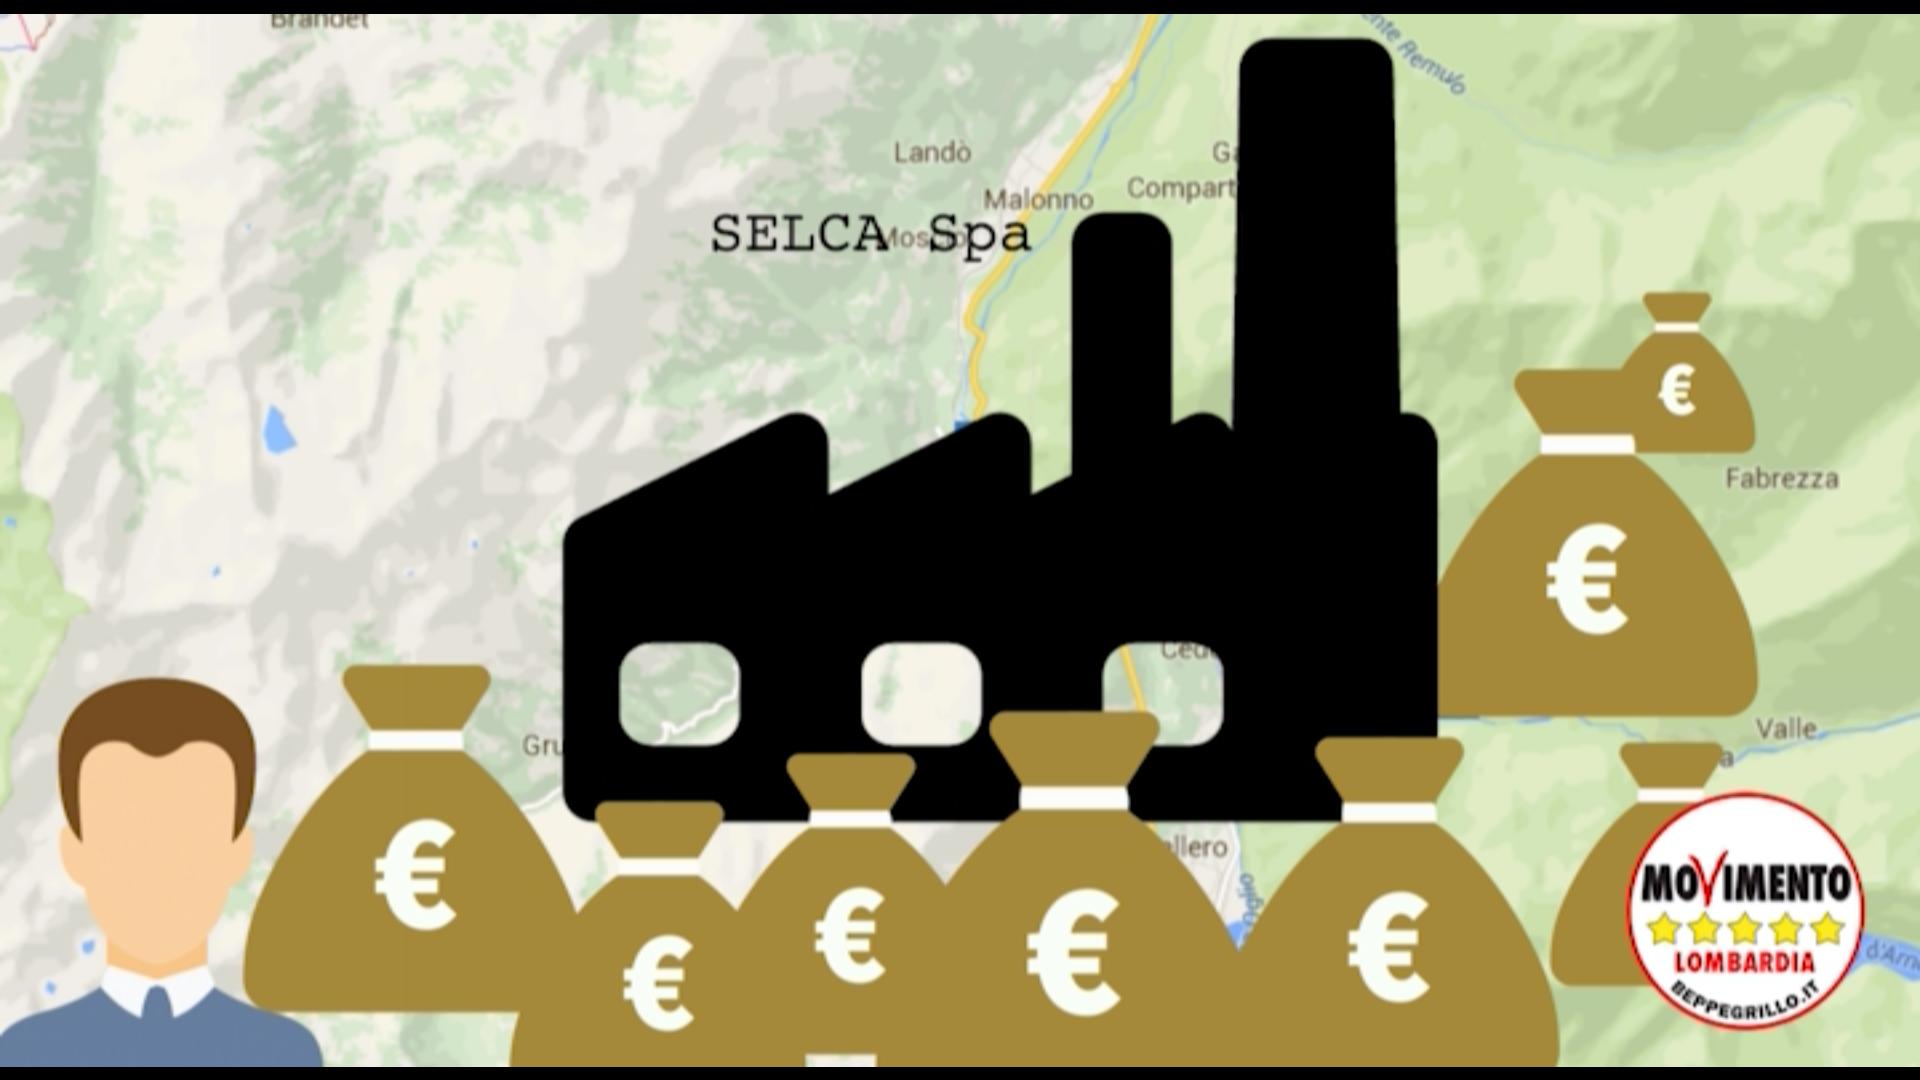 Politica inquinata: solo il M5S in difesa della Vallecamonica